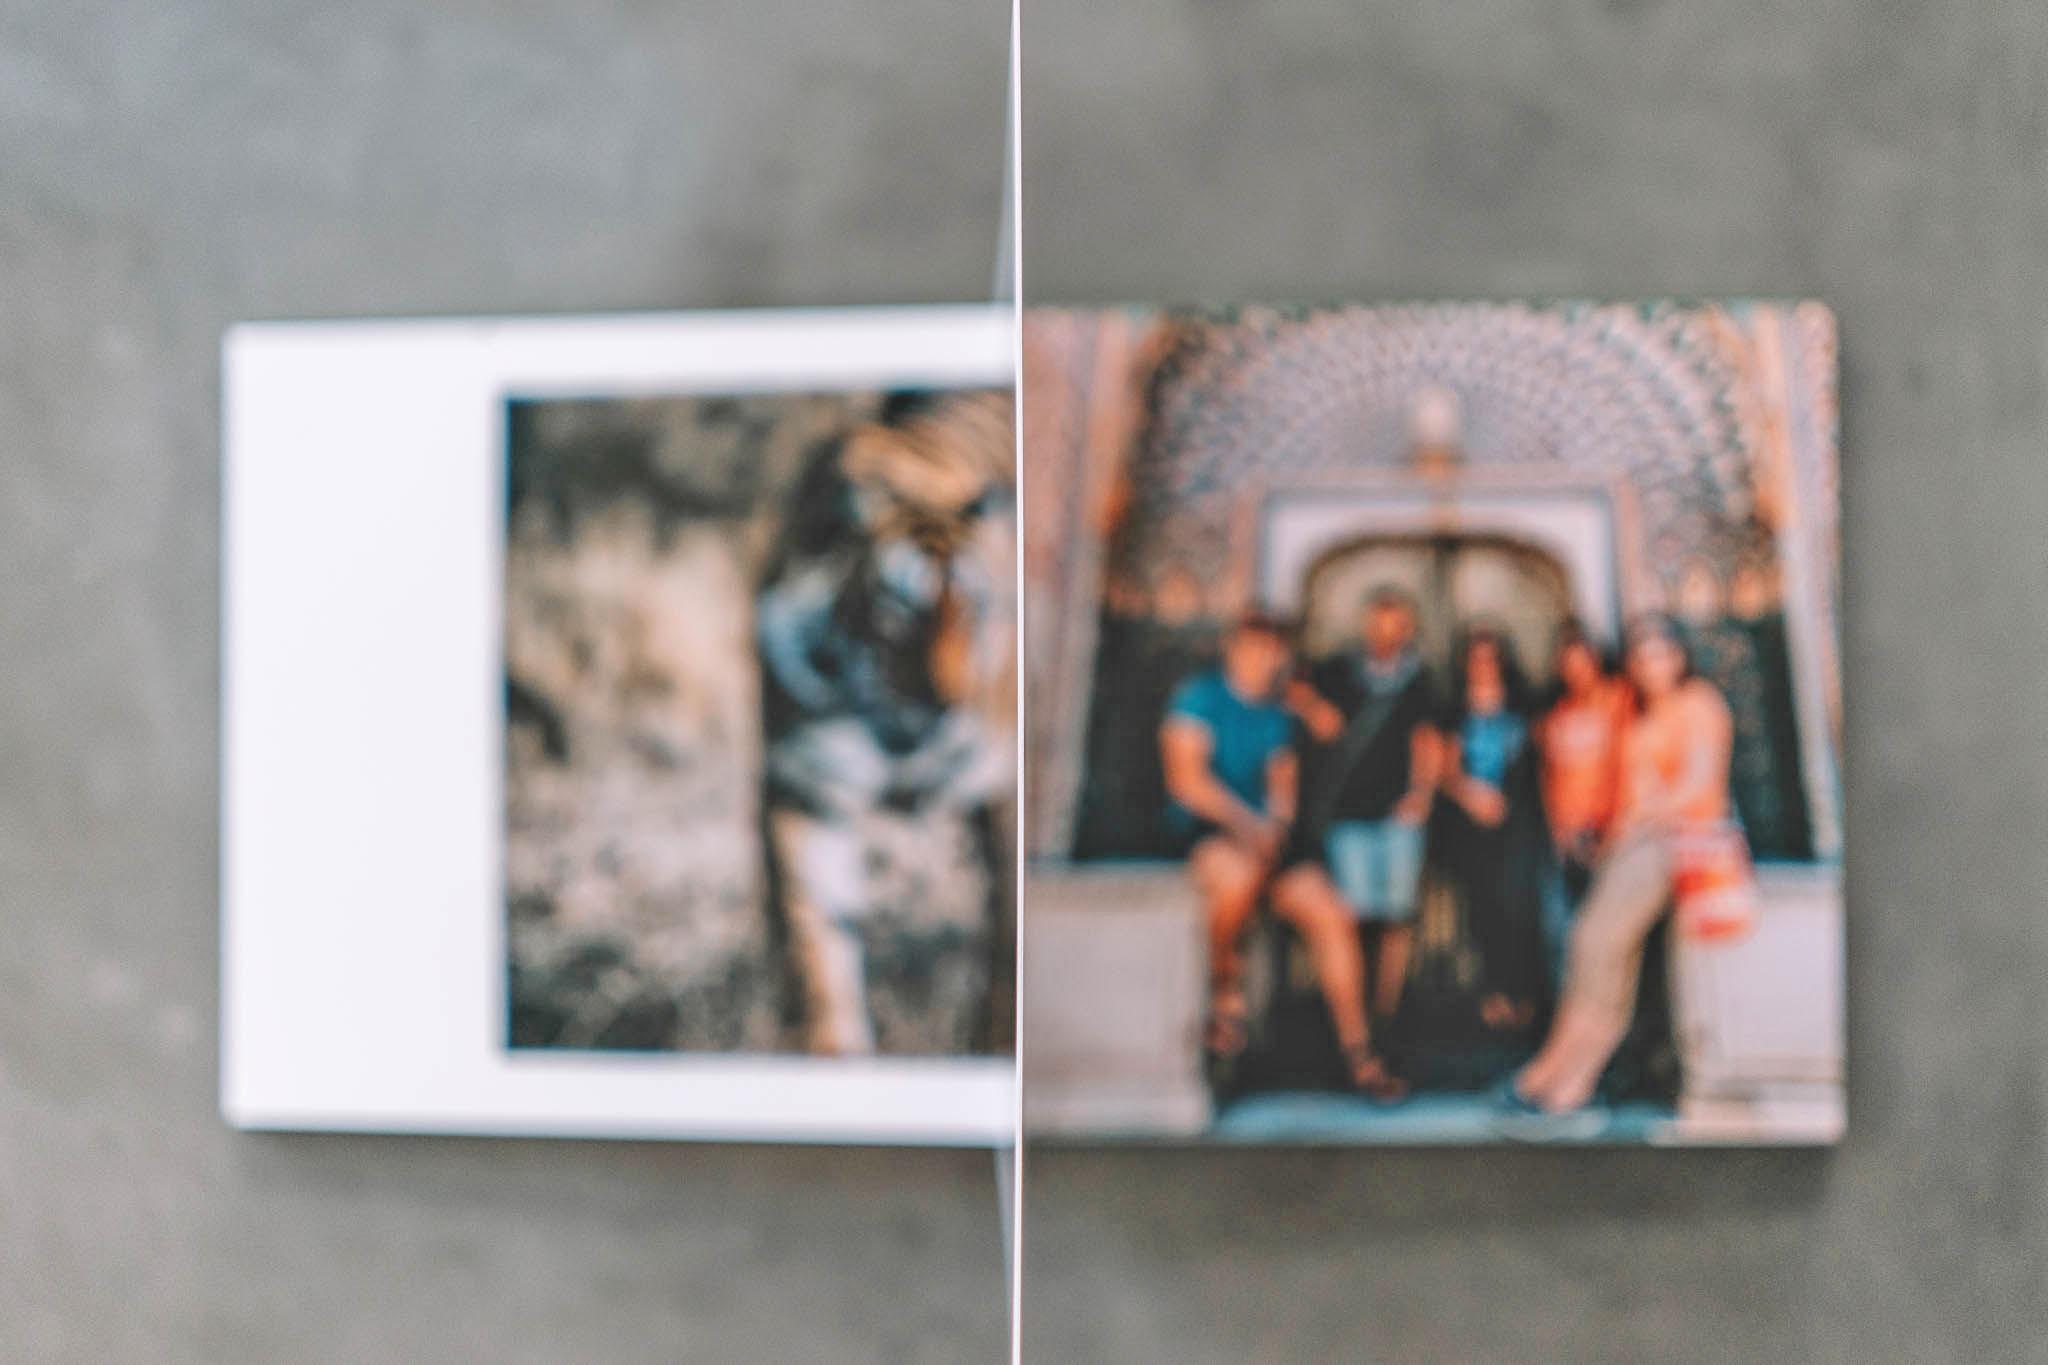 Artifact Uprising Layflat Photo Album Review